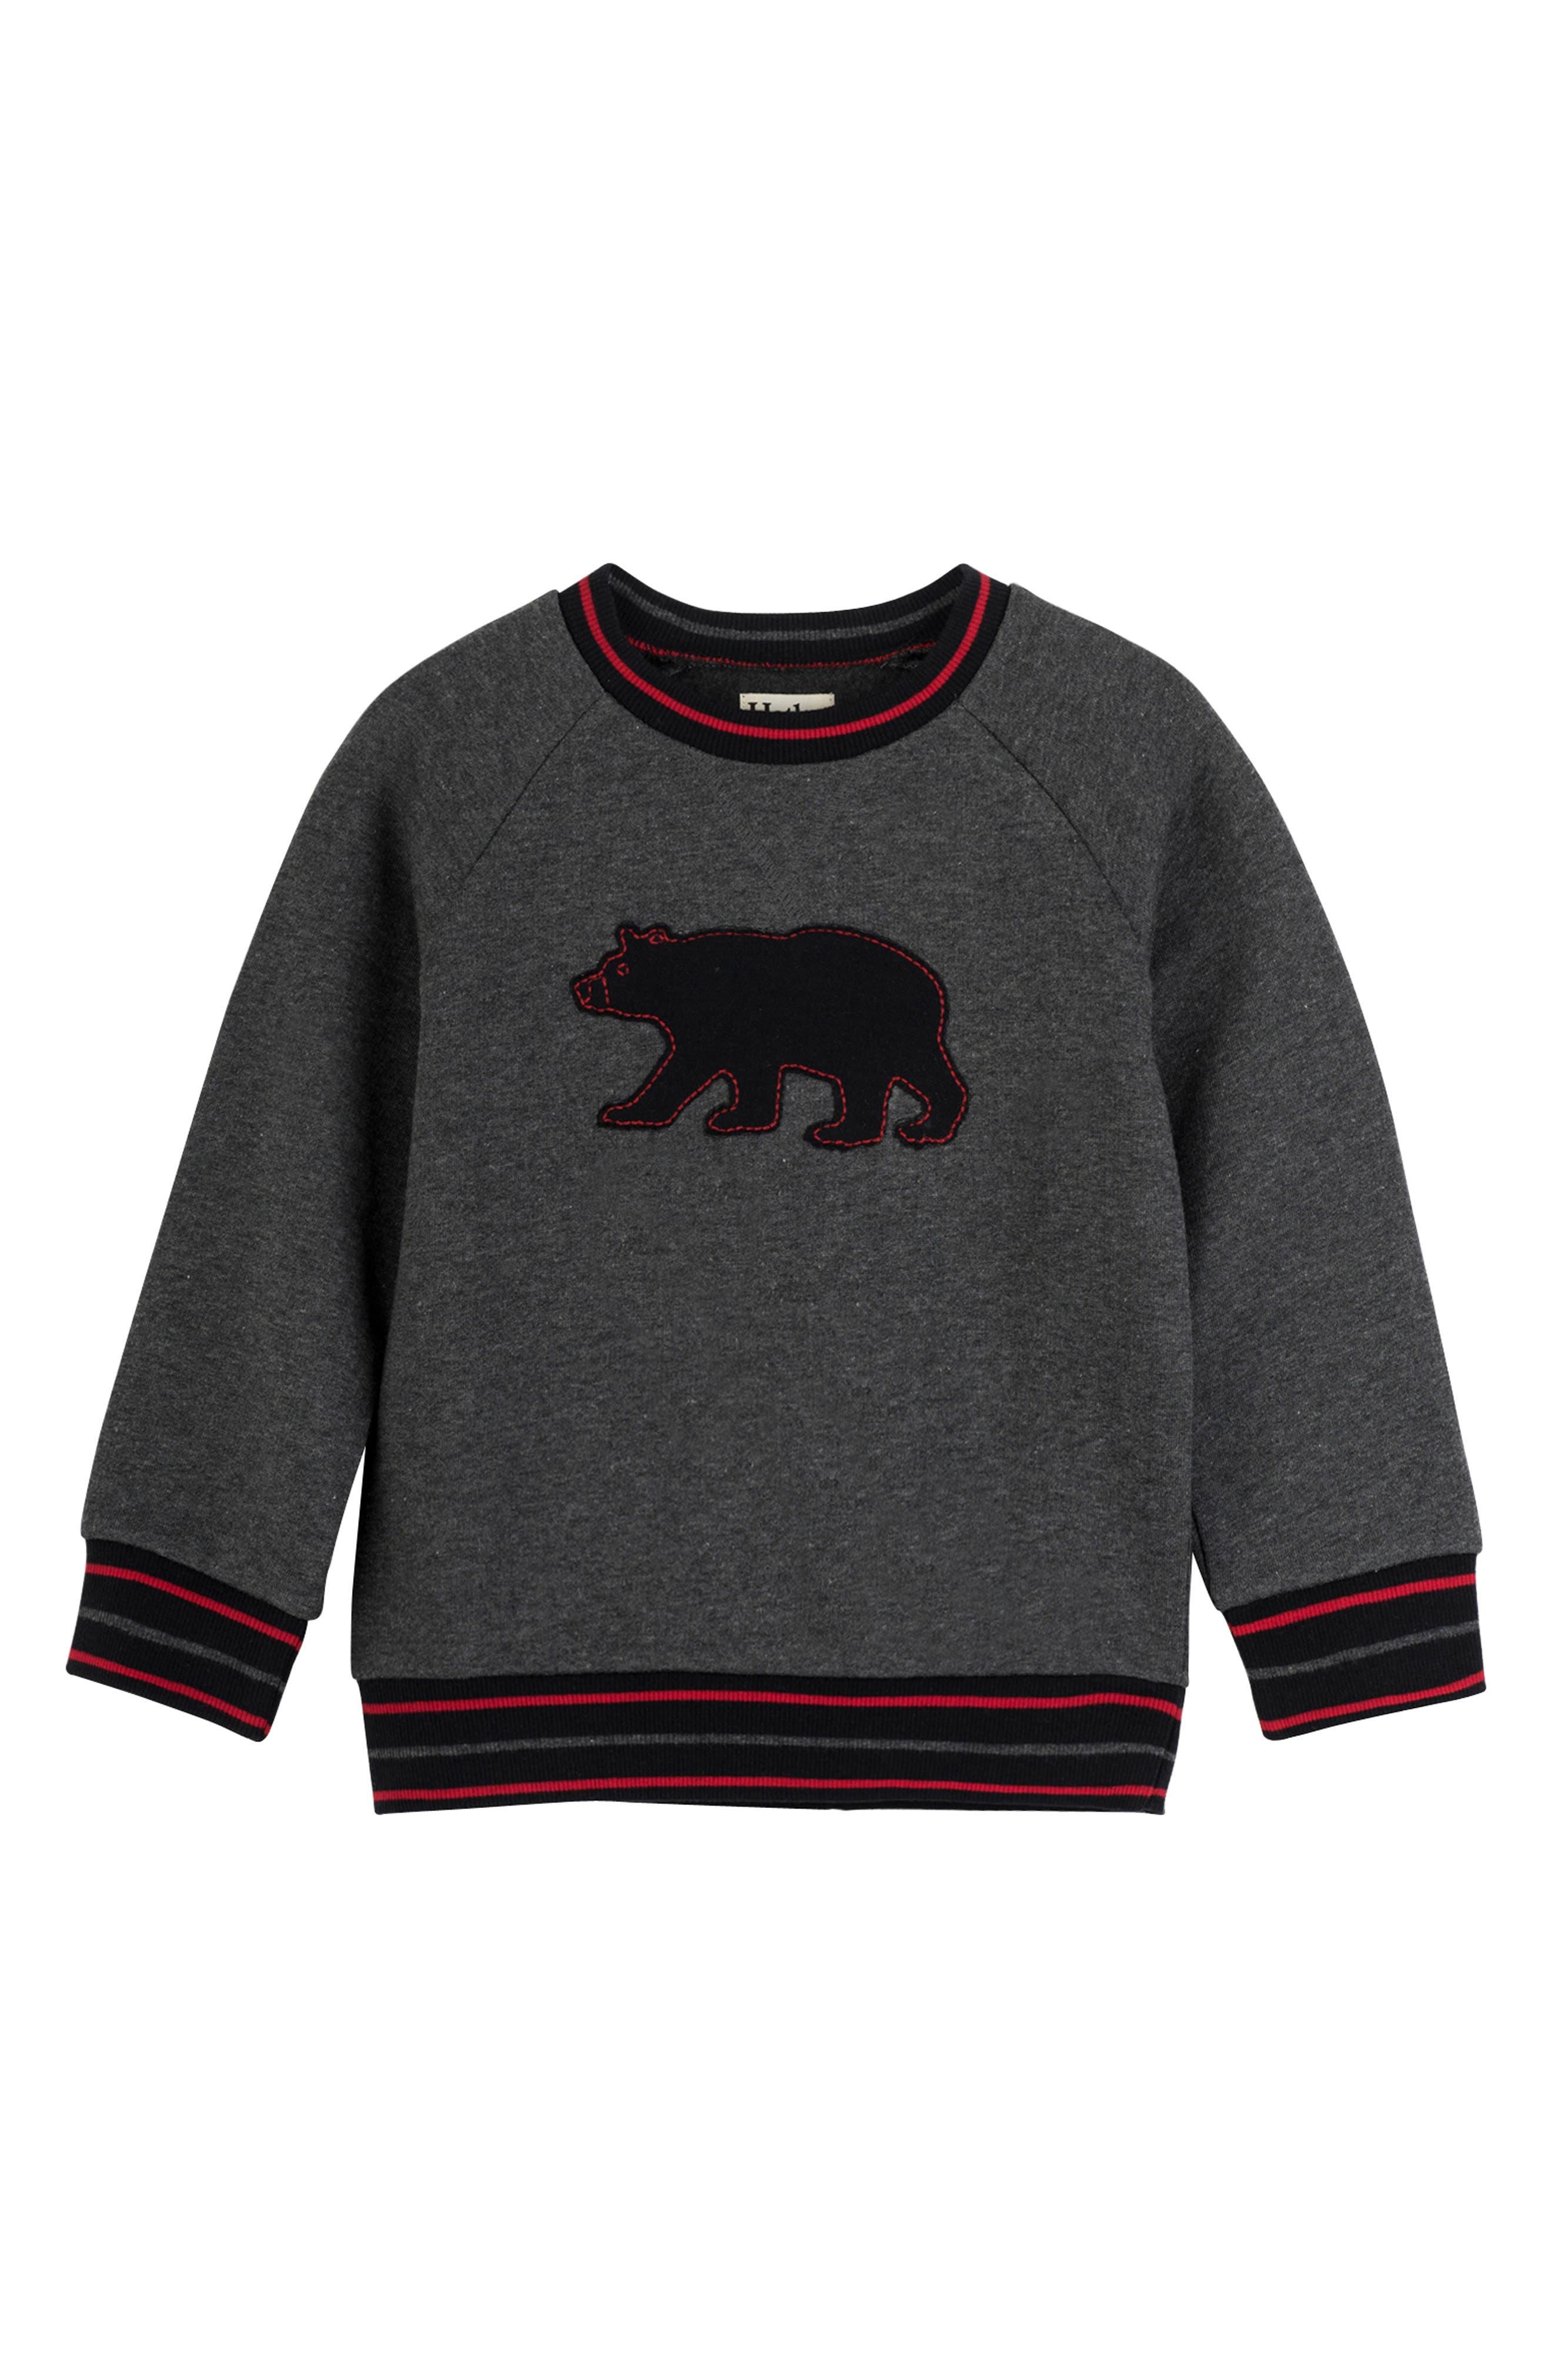 Bear Sweatshirt,                             Main thumbnail 1, color,                             BLACK BEAR